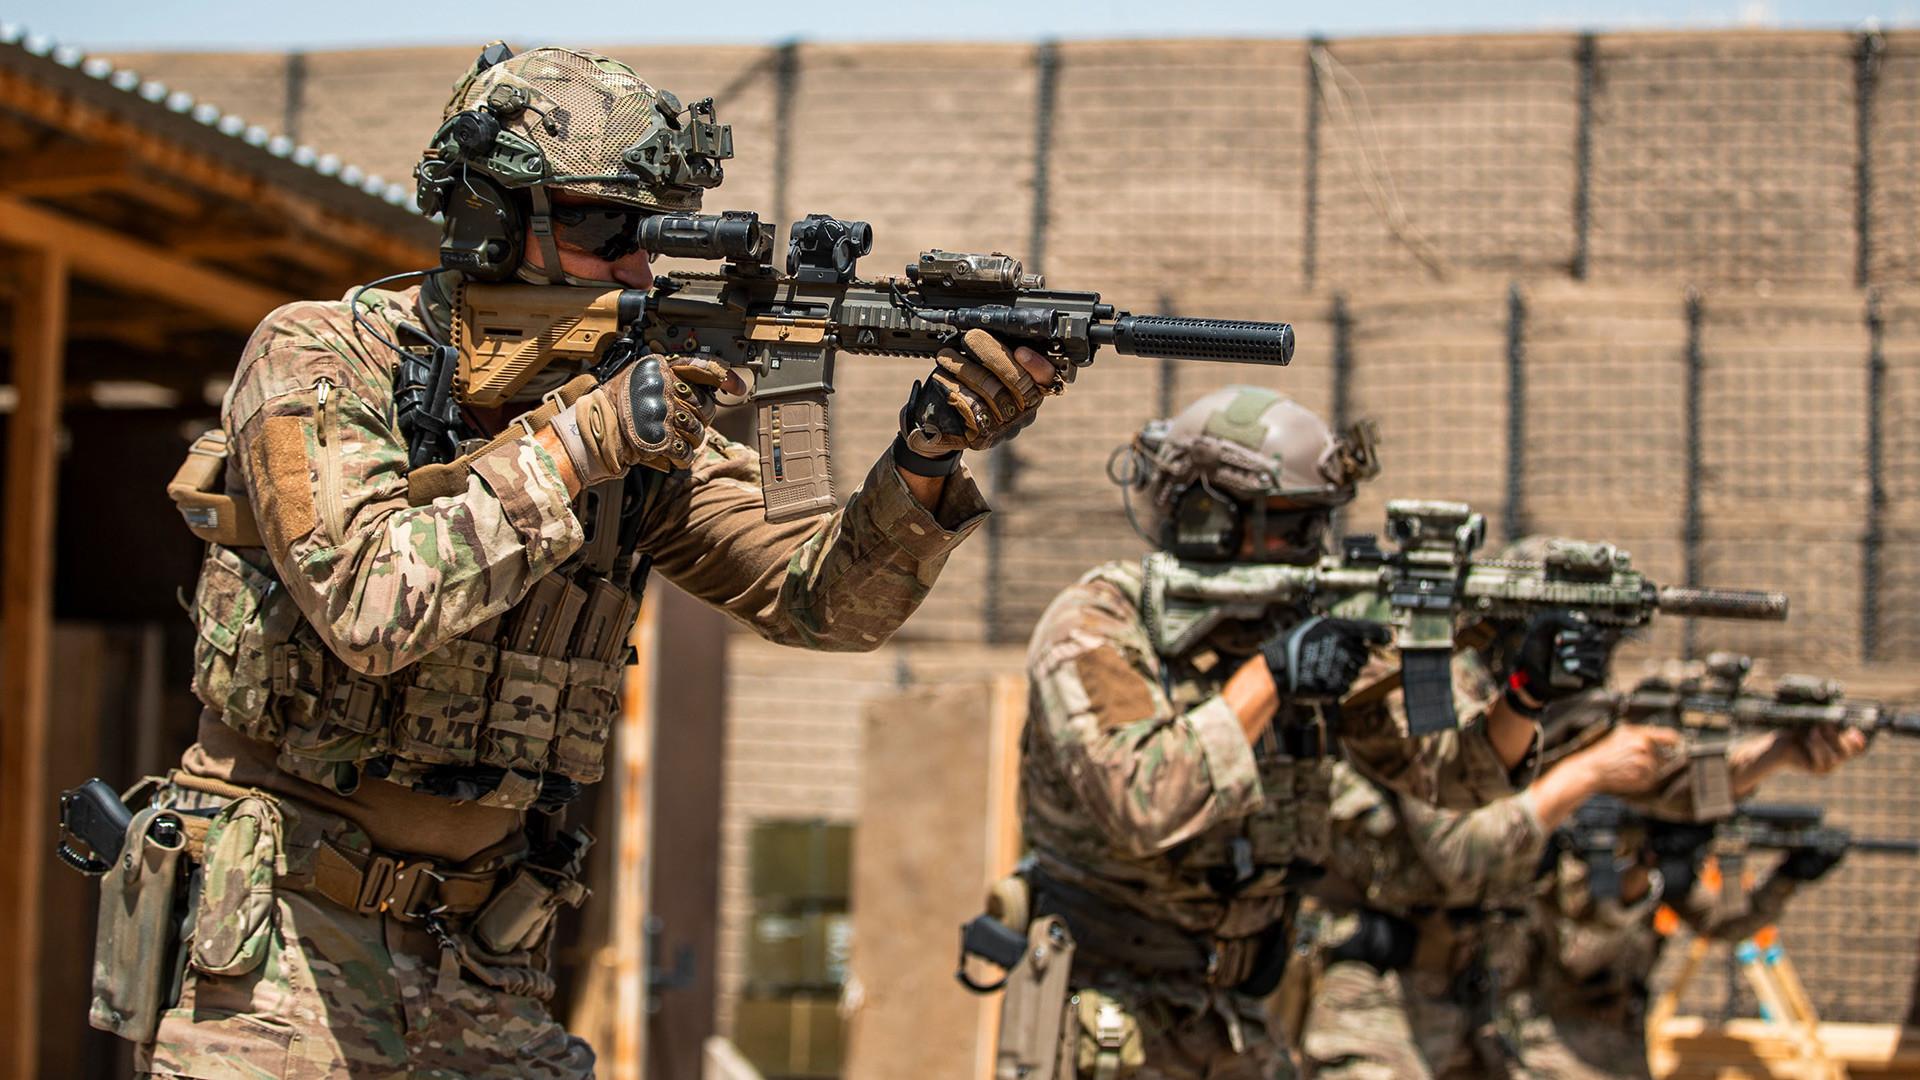 HK416 v službi nizozemske vojske